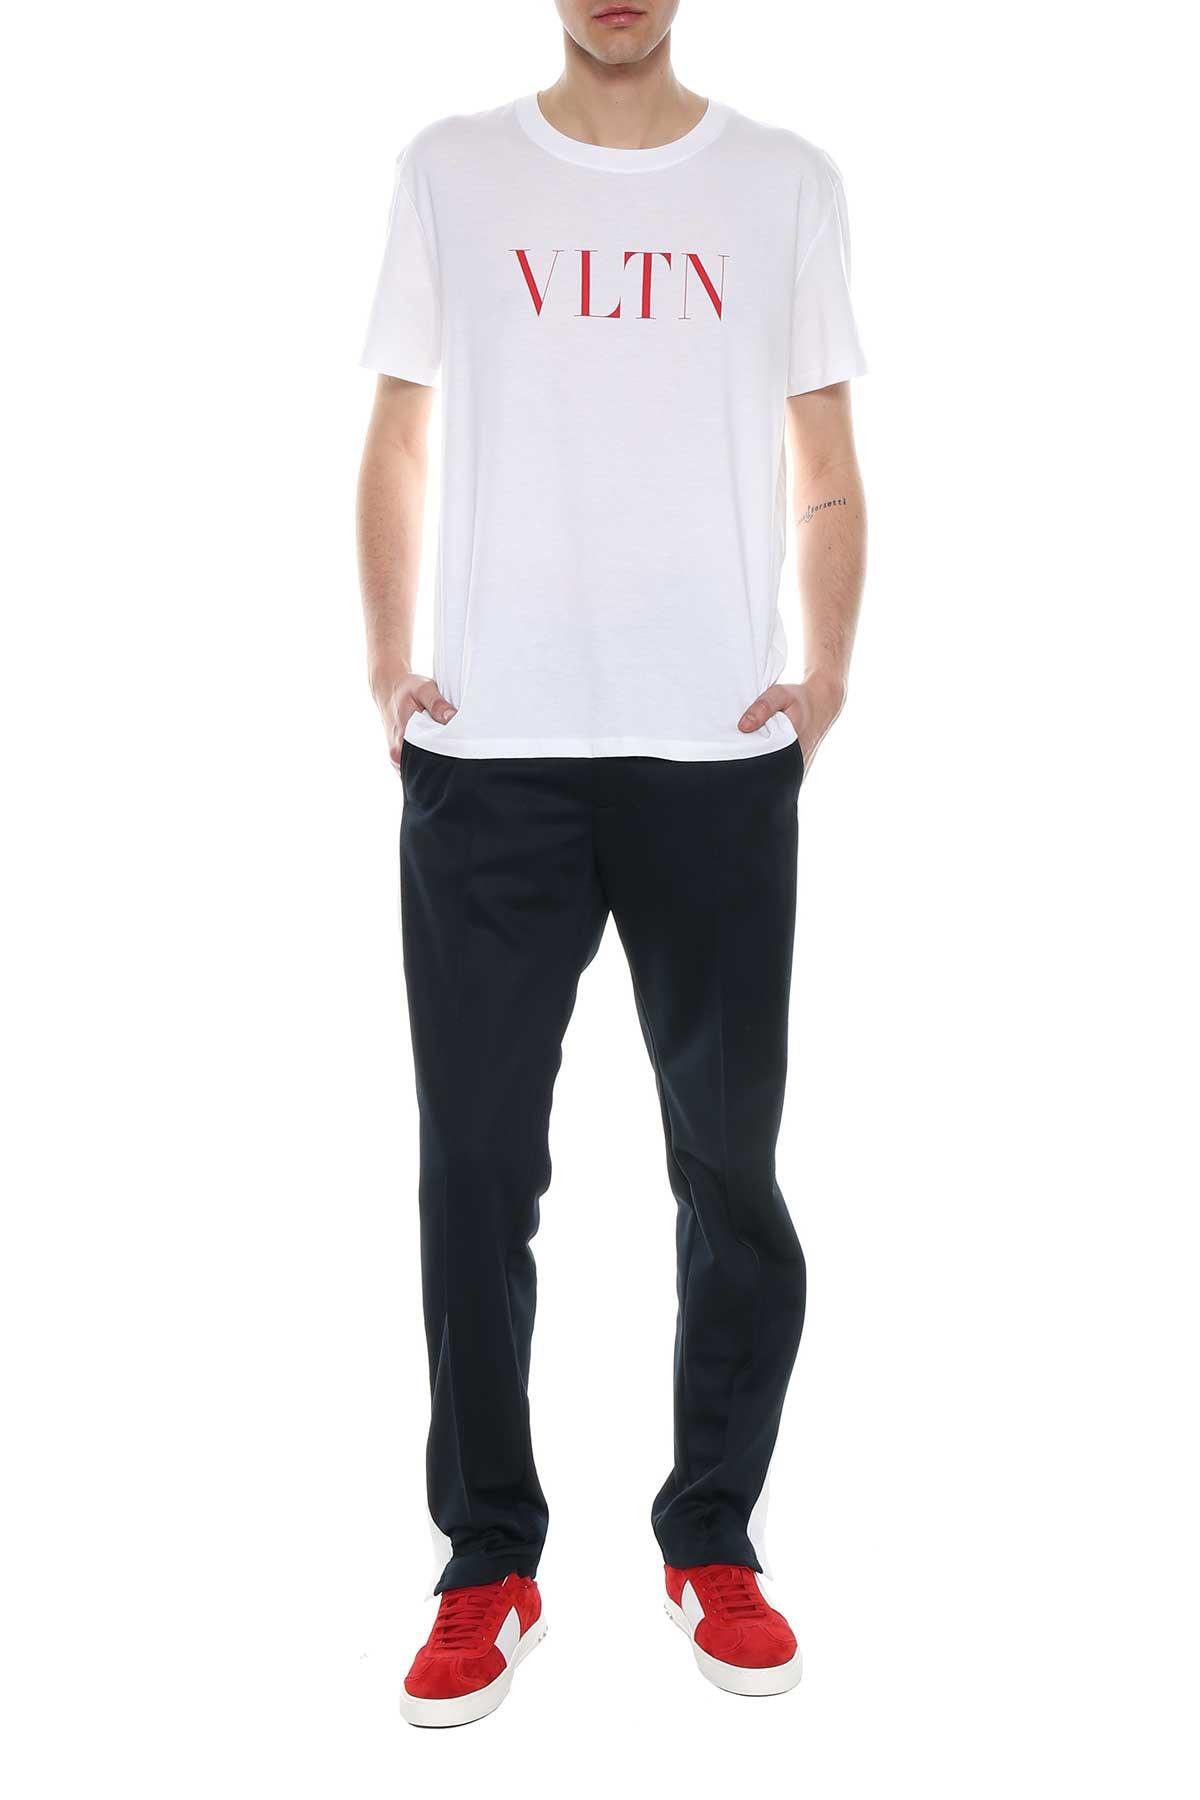 Valentino Valentino Vltn Print T-shirt